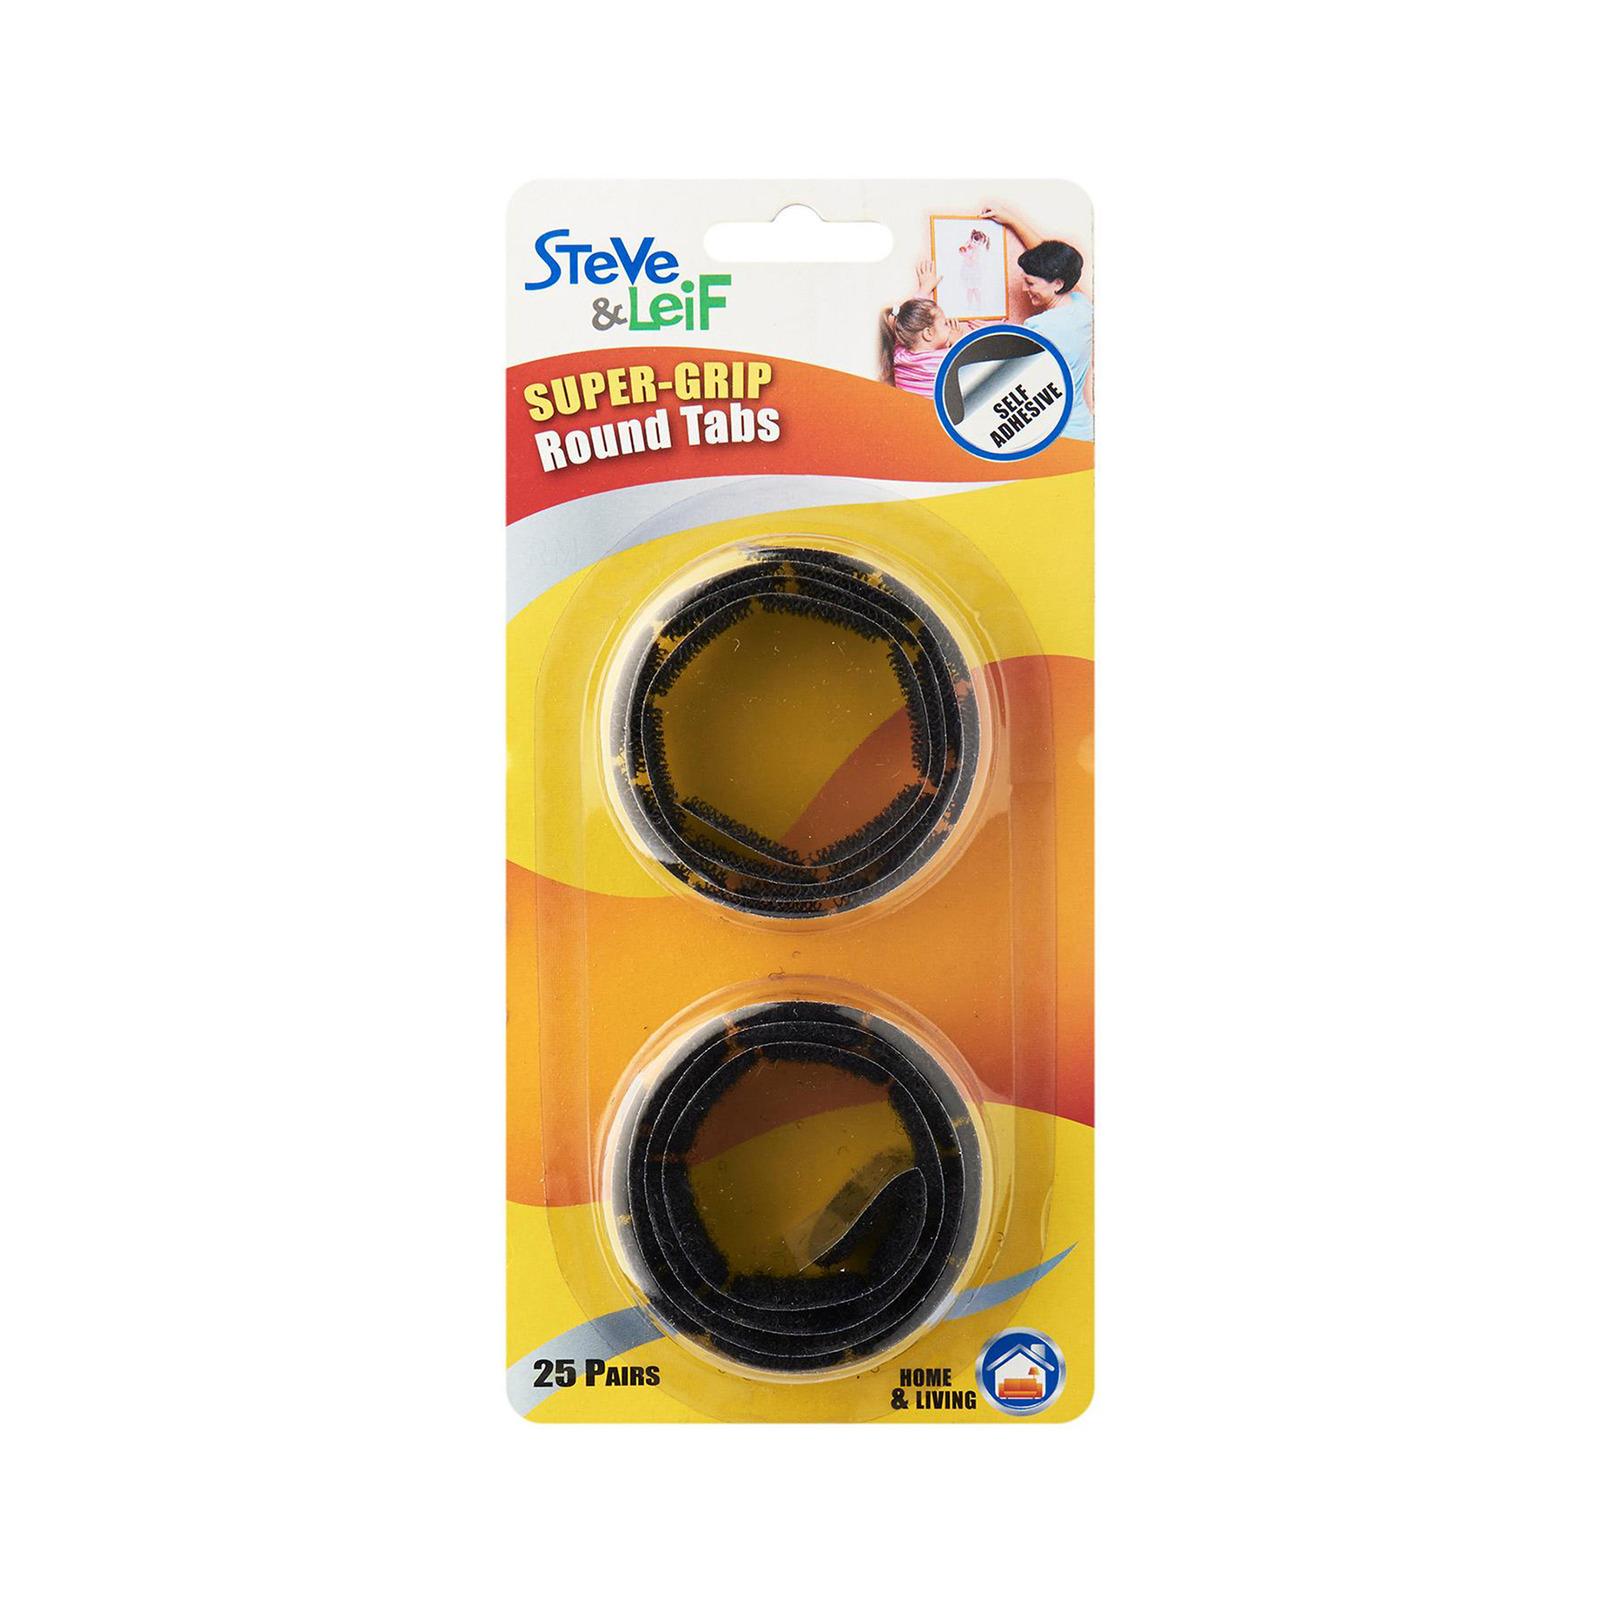 Steve & Leif SuperGrip Black Hook and Loop Round Tabs (25 Sets)